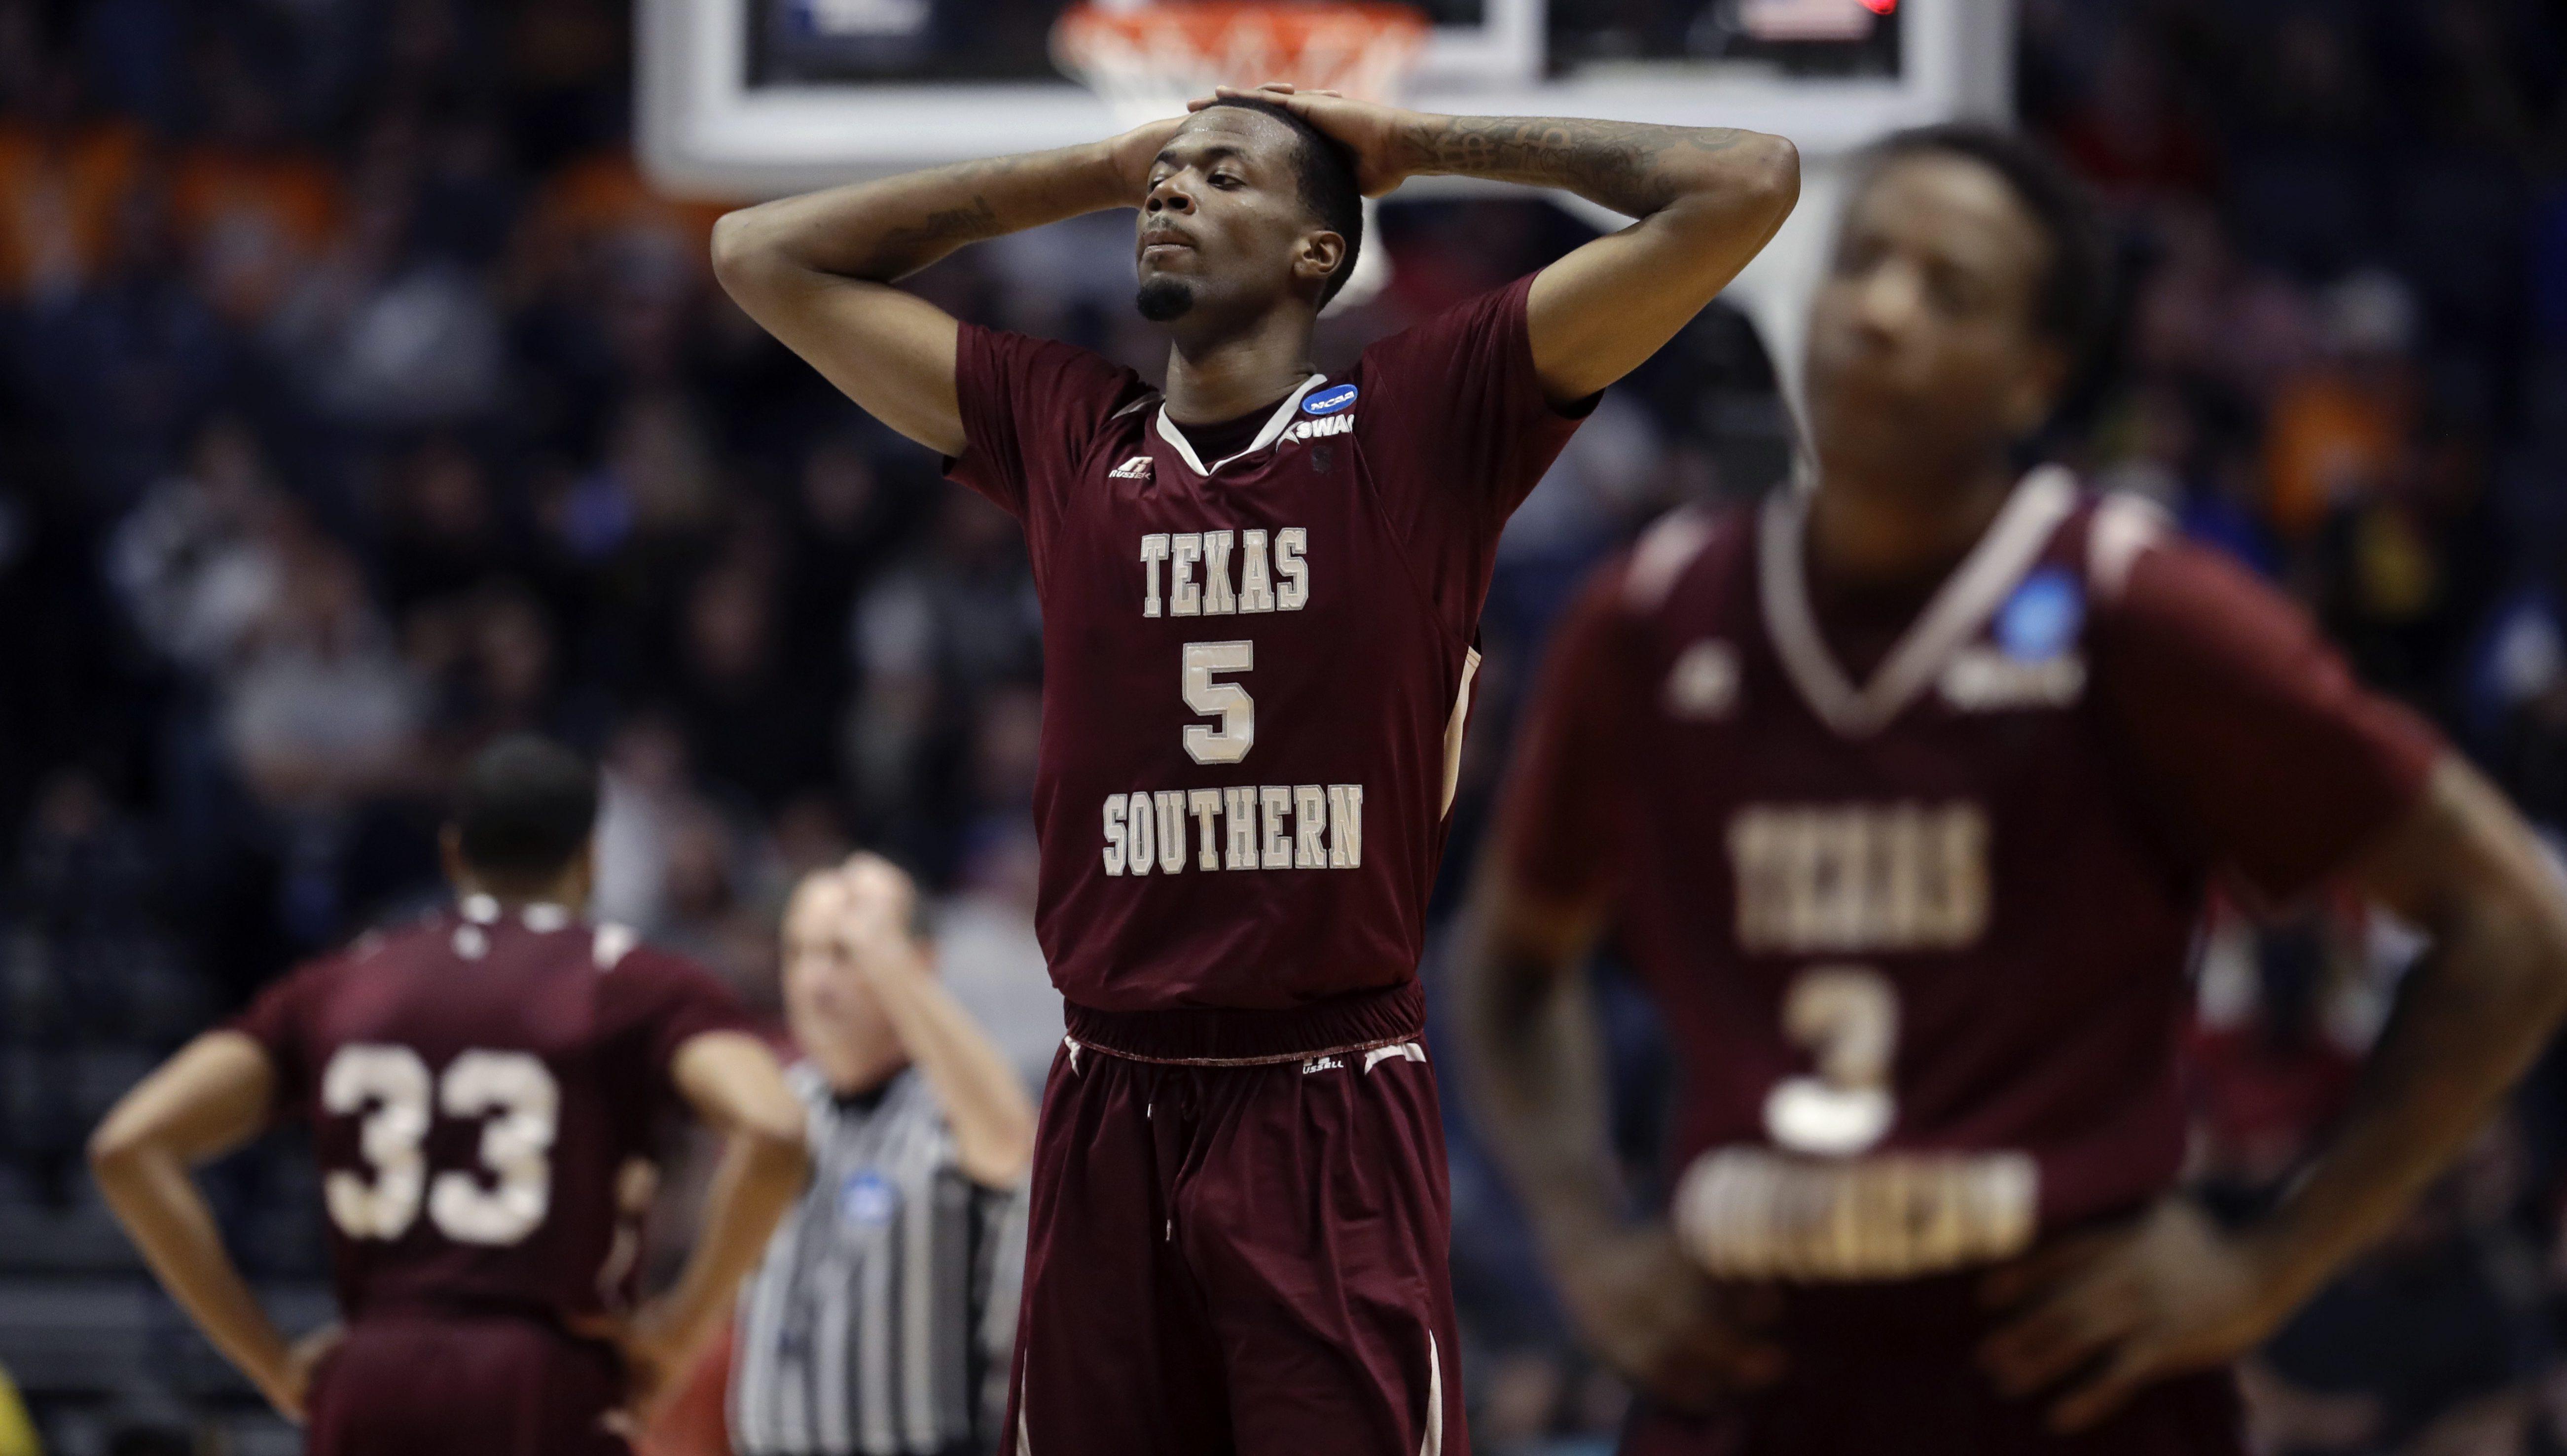 NCAA Texas Southern Xavier Basketball